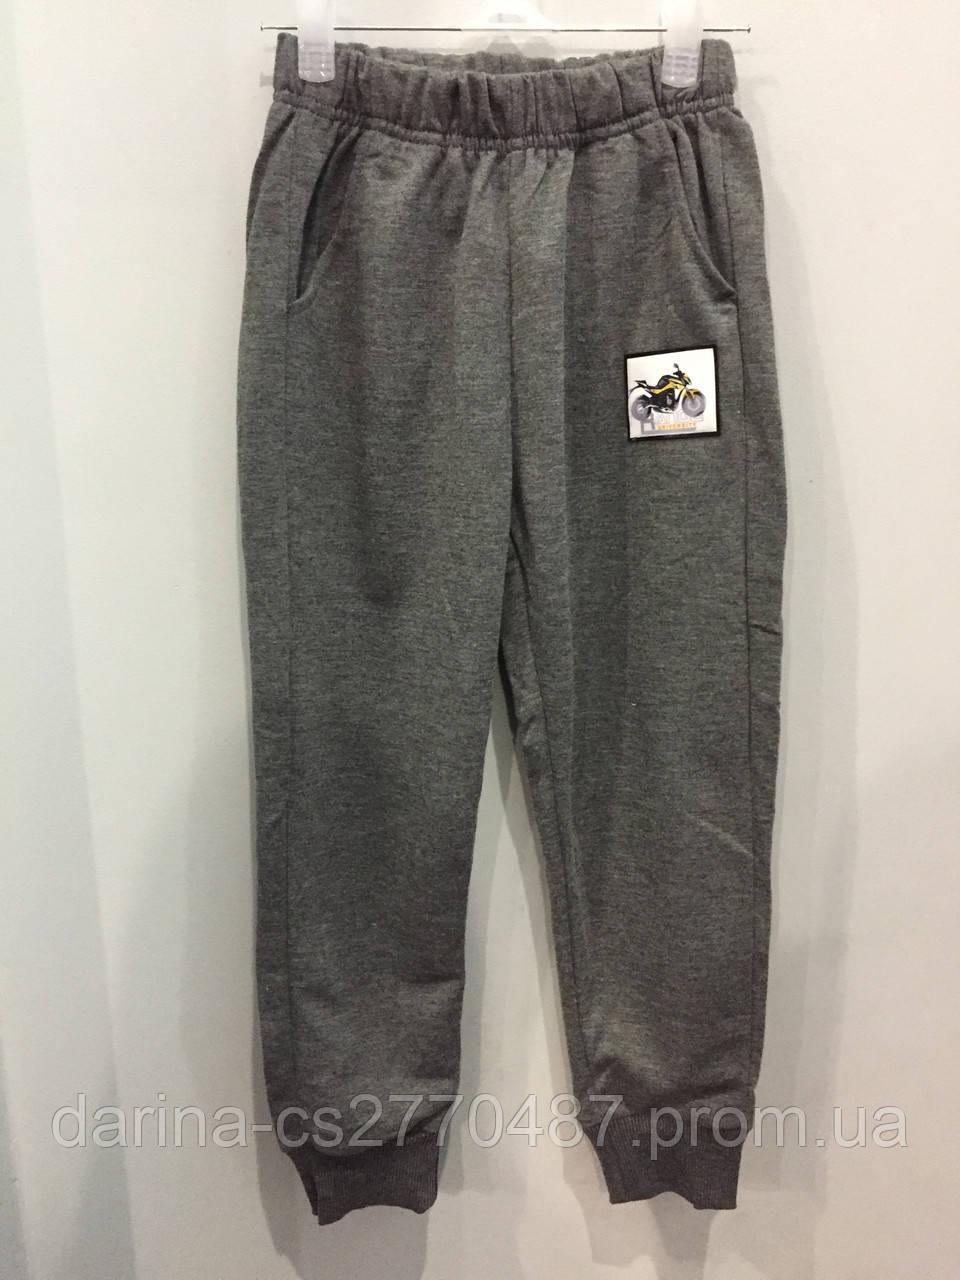 Спортивные штаны для мальчика 110,116 см